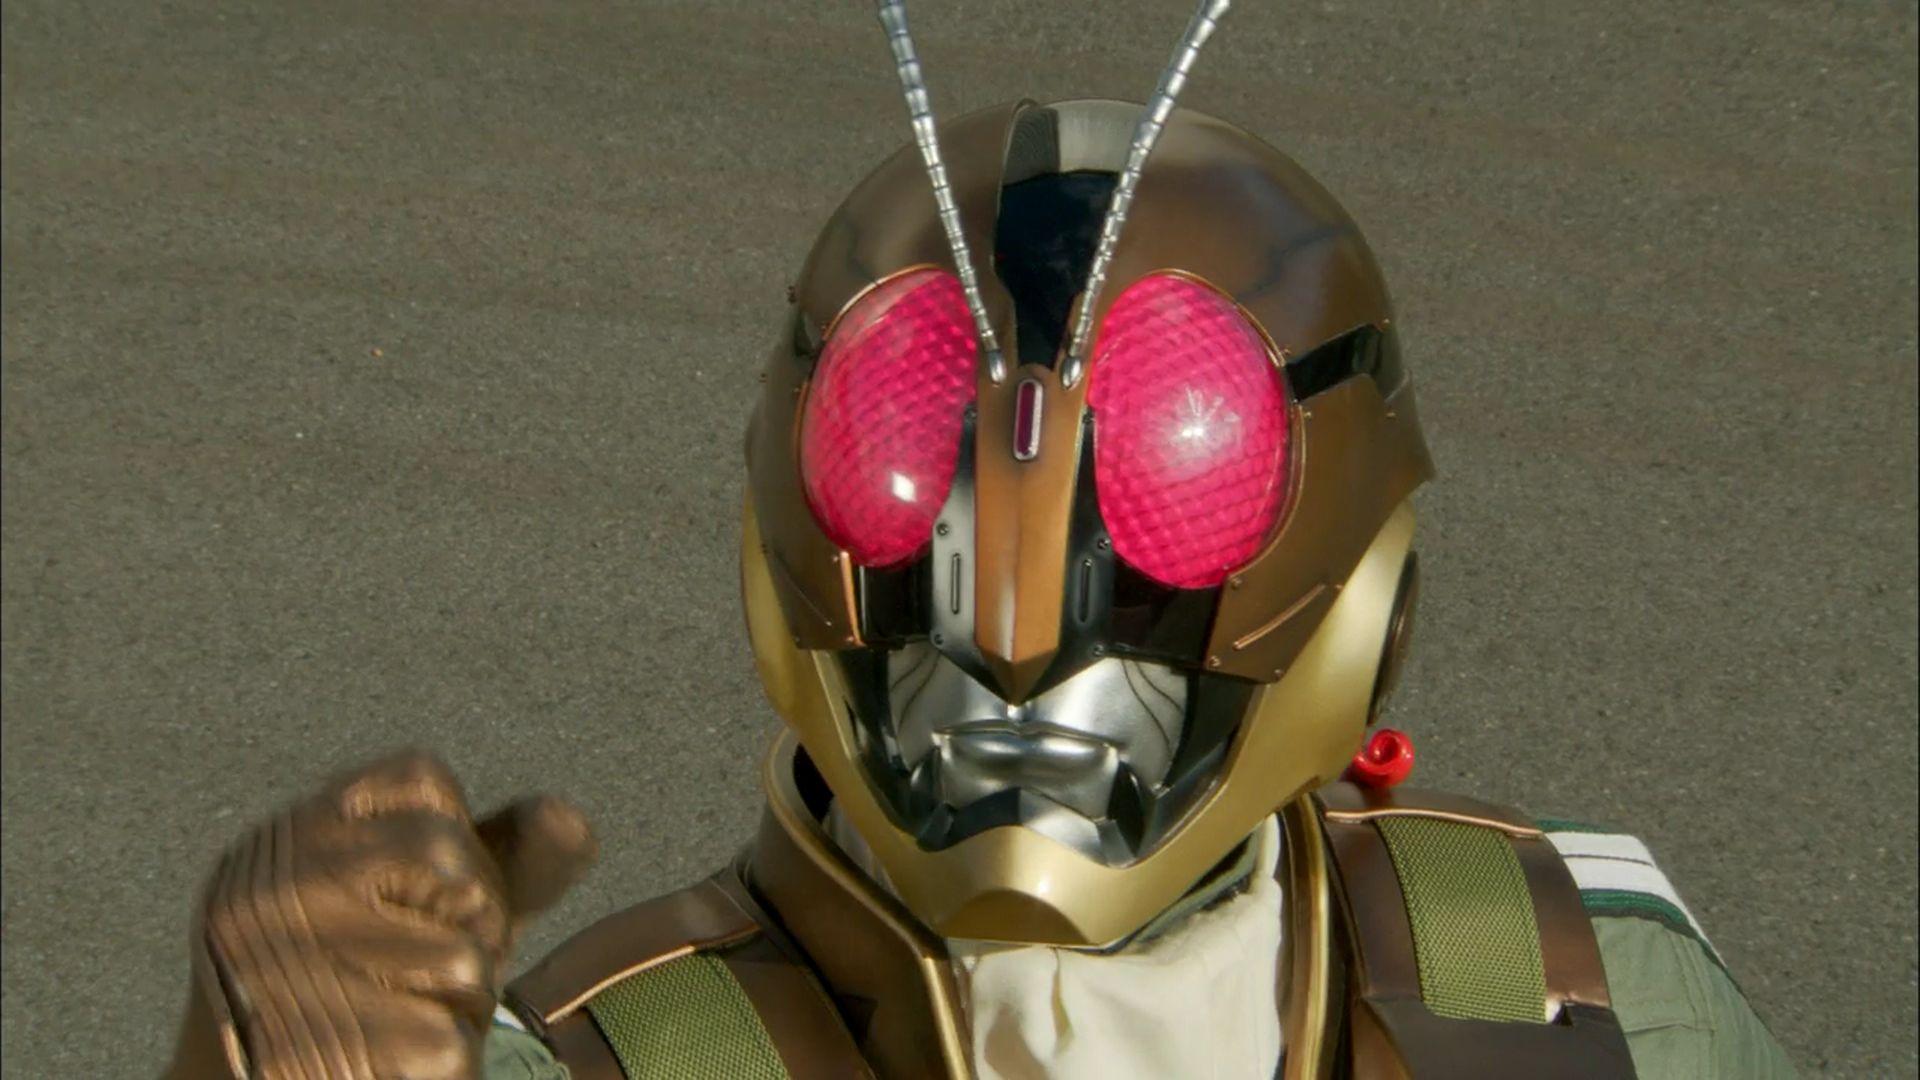 平成の仮面ライダー4号は君だ!仮面ライダー4号をまとめてみました!のサムネイル画像